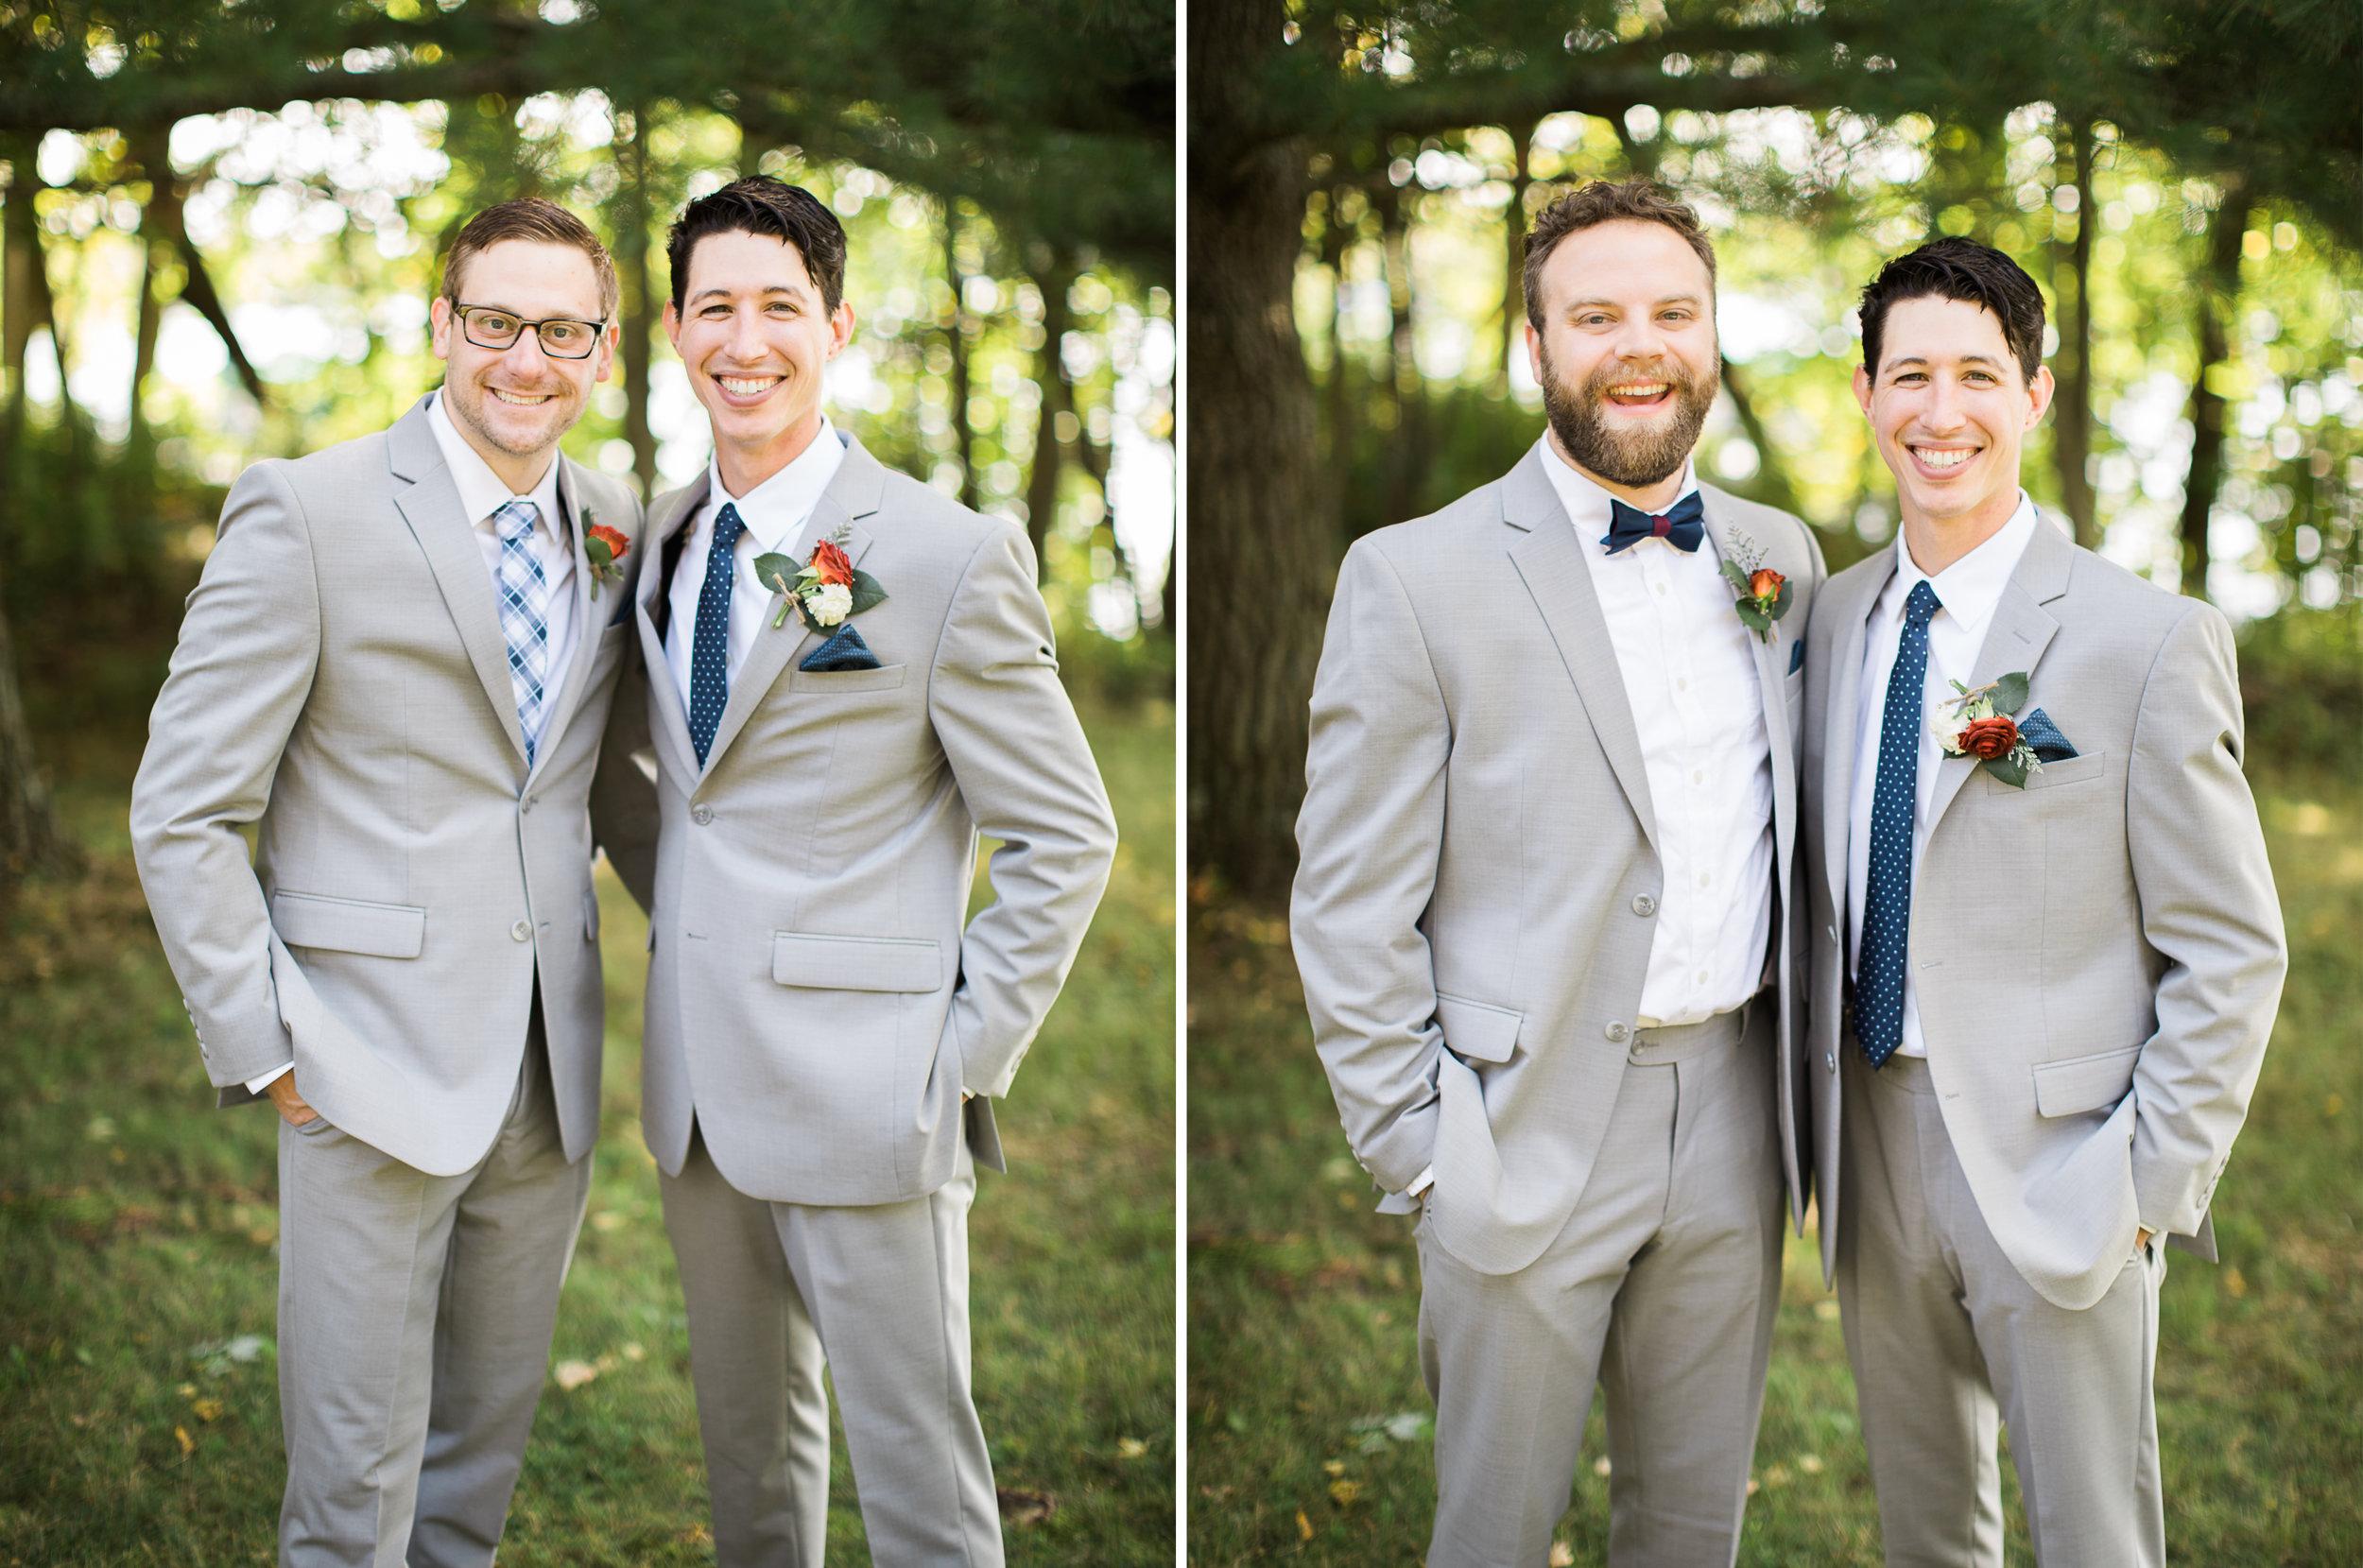 Groom portraits for his Northern MN Lakeside wedding.